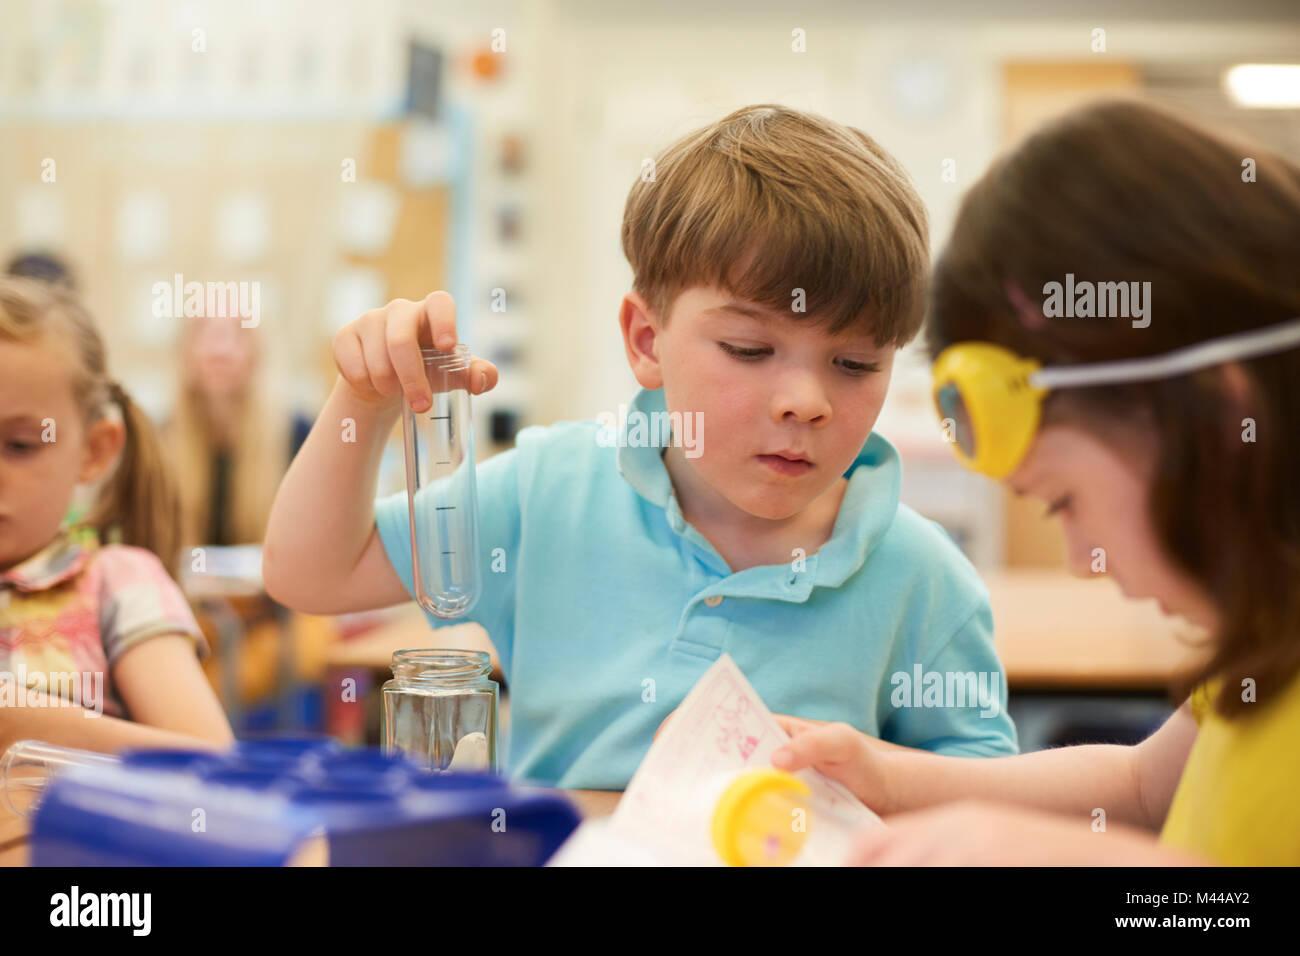 Primäre Schuljunge und Mädchen tun, Reagenzglas experimentieren im Unterricht Stockbild